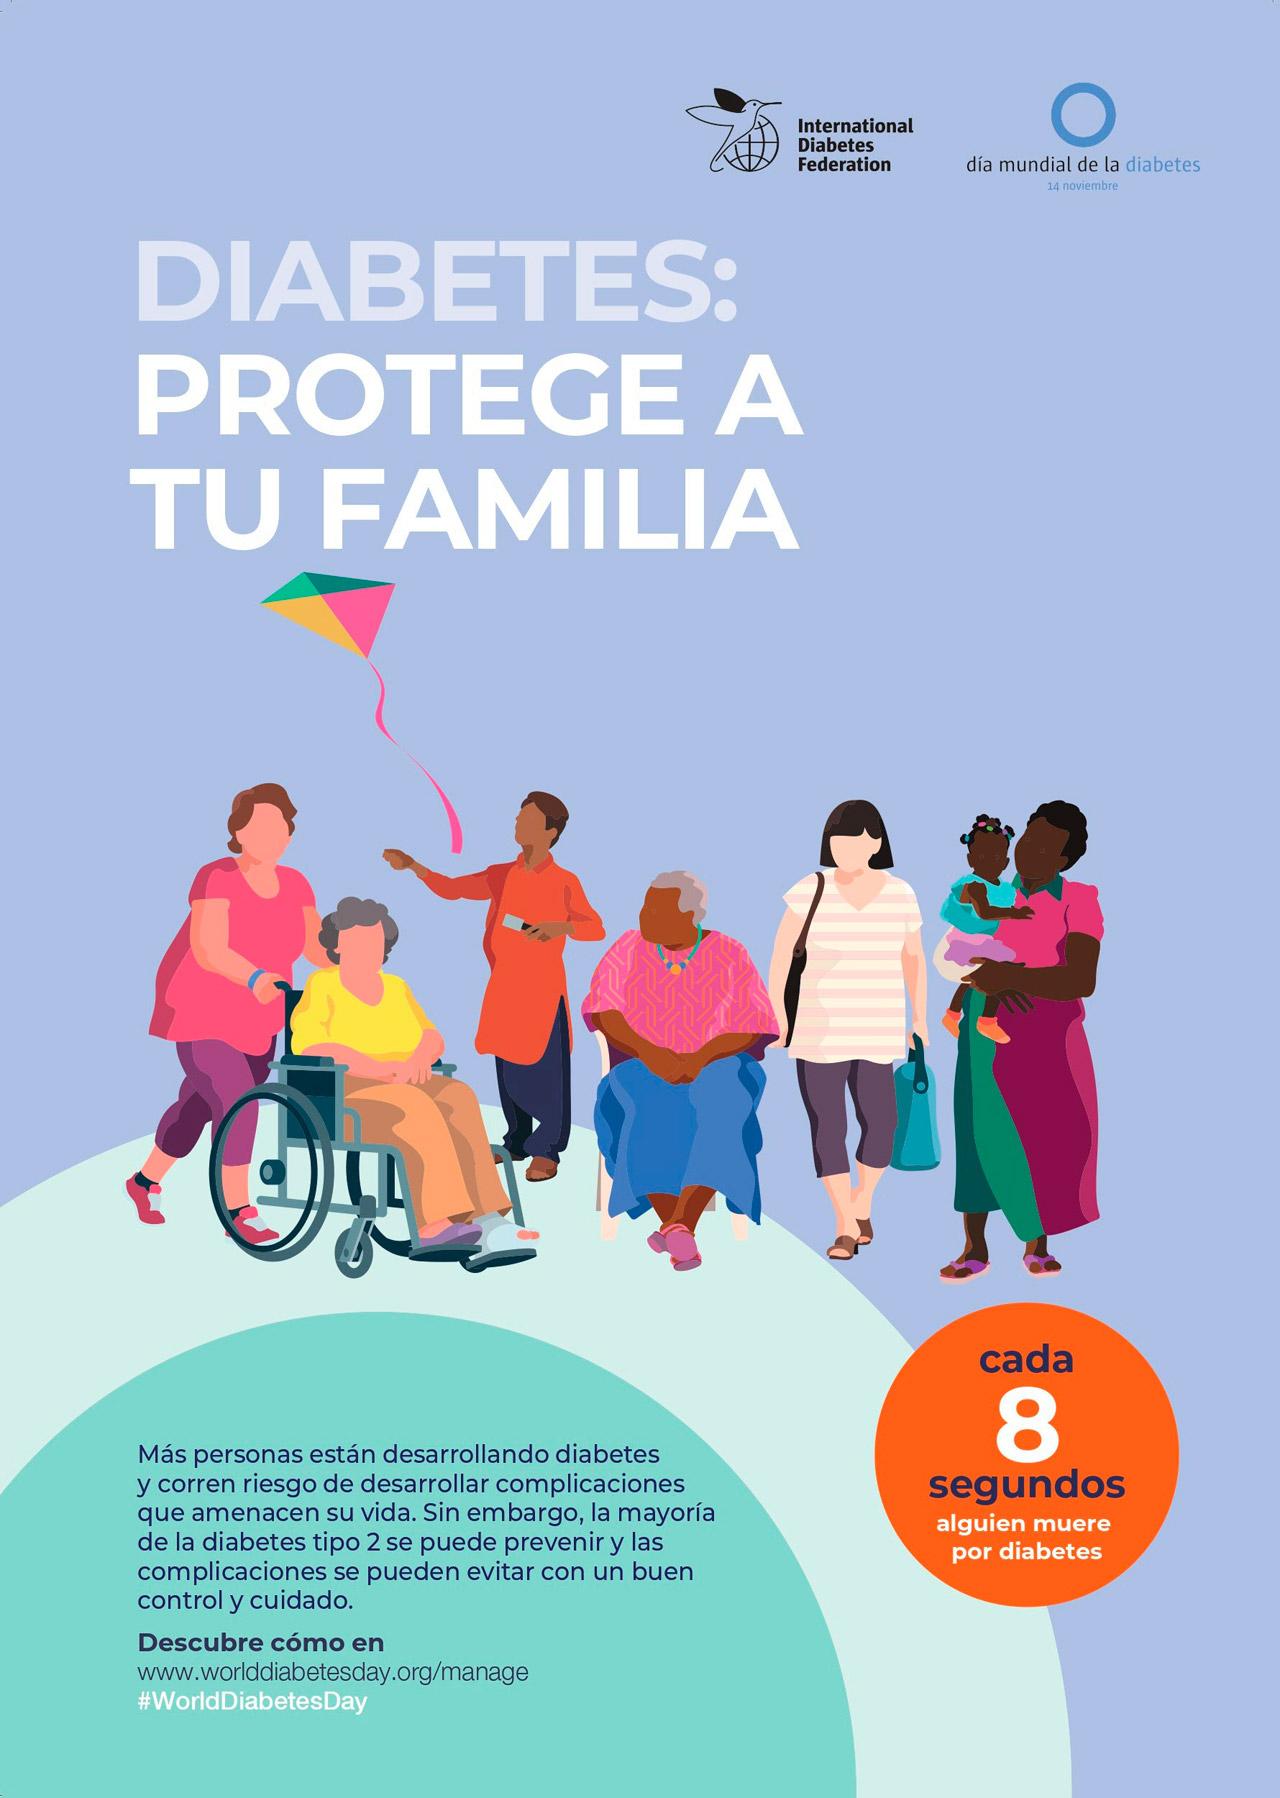 Uno de los pósteres elaborados con motivo de la campaña internacional 'Diabetes: protege a tu familia'.